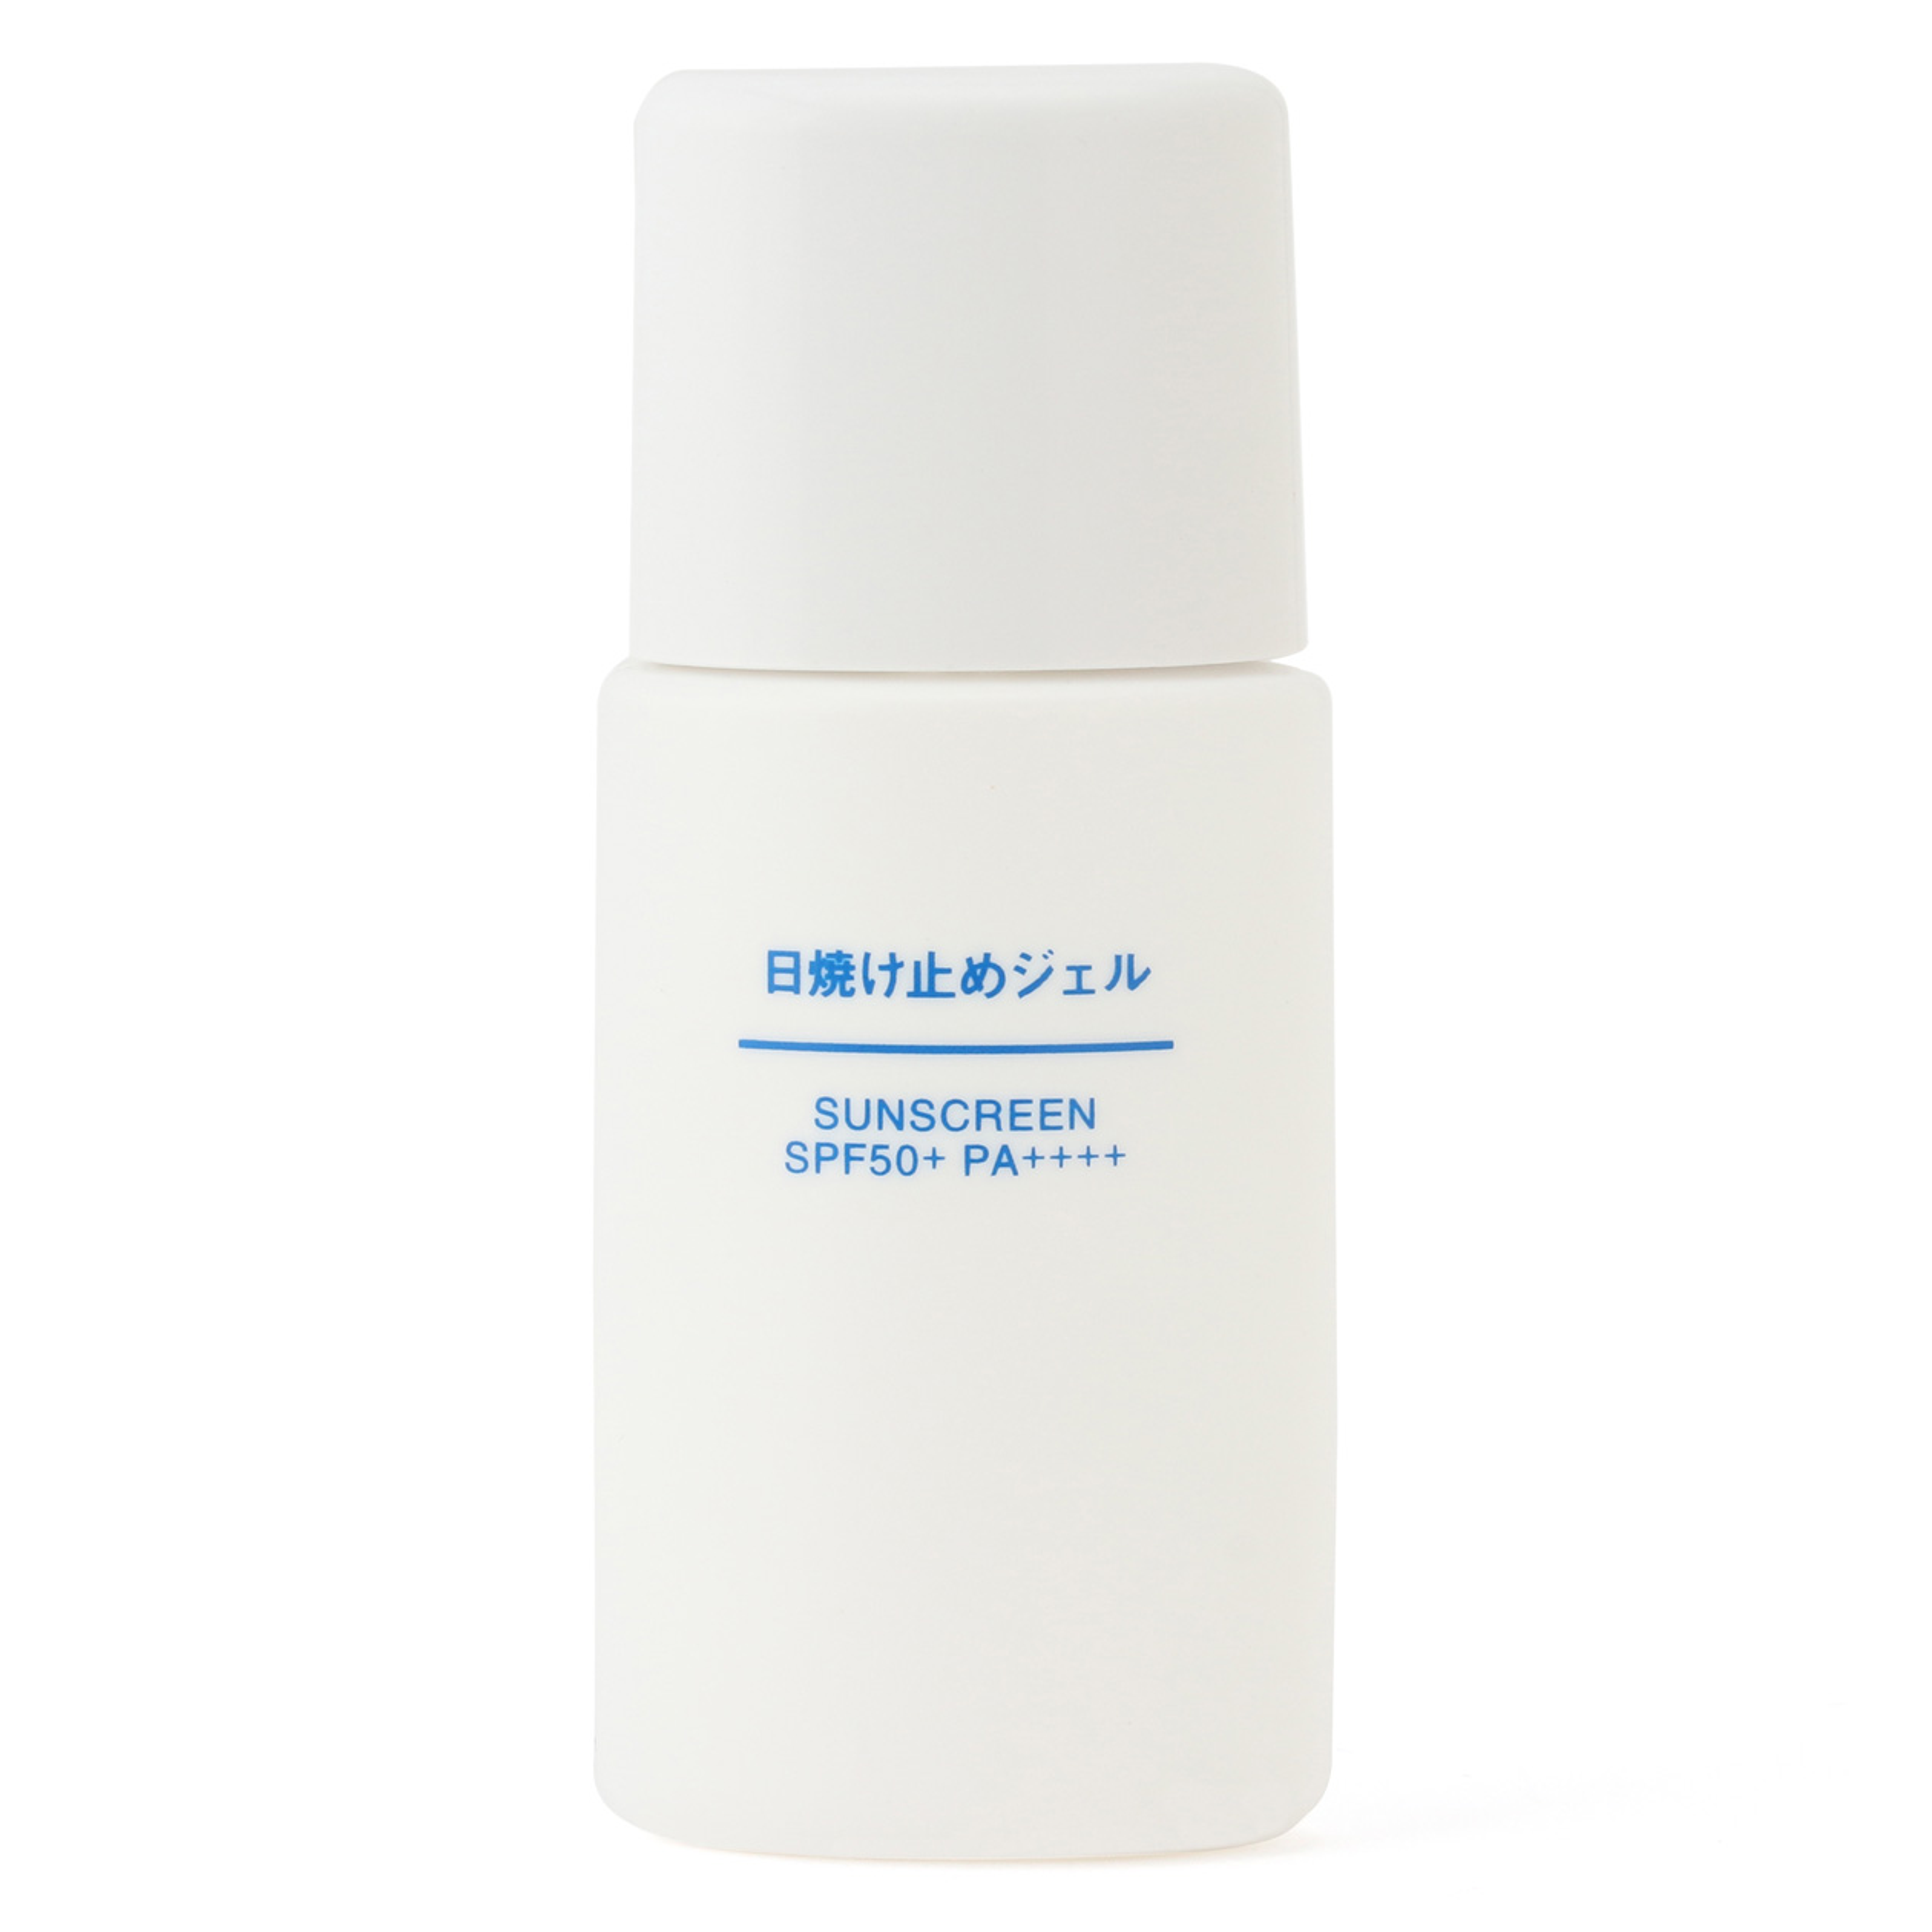 日焼け止めジェル SPF50+(携帯用)